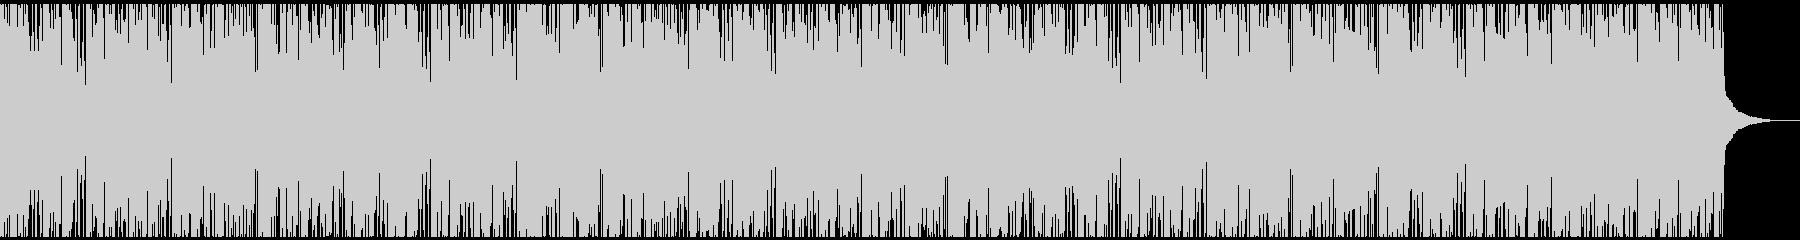 スタイリッシュなクリスタルの洞窟の未再生の波形